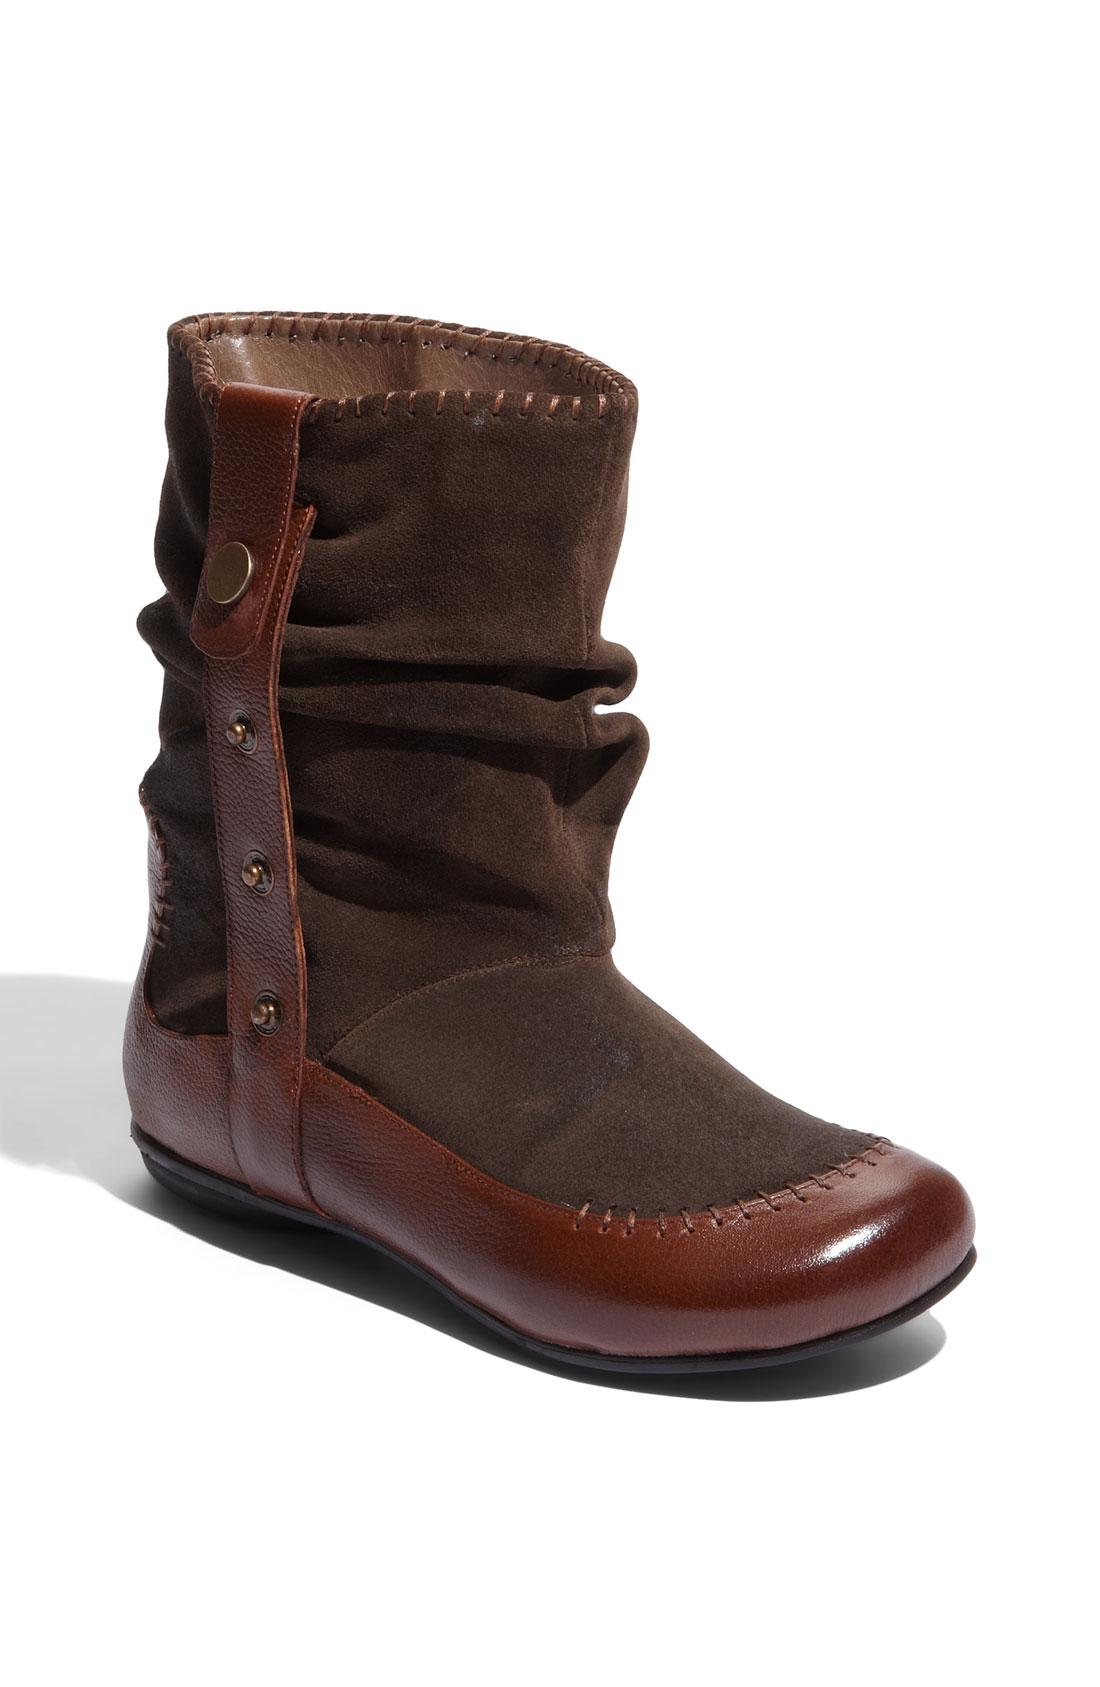 Miz Mooz Miz Mooz Dolly Ankle Boot In Brown